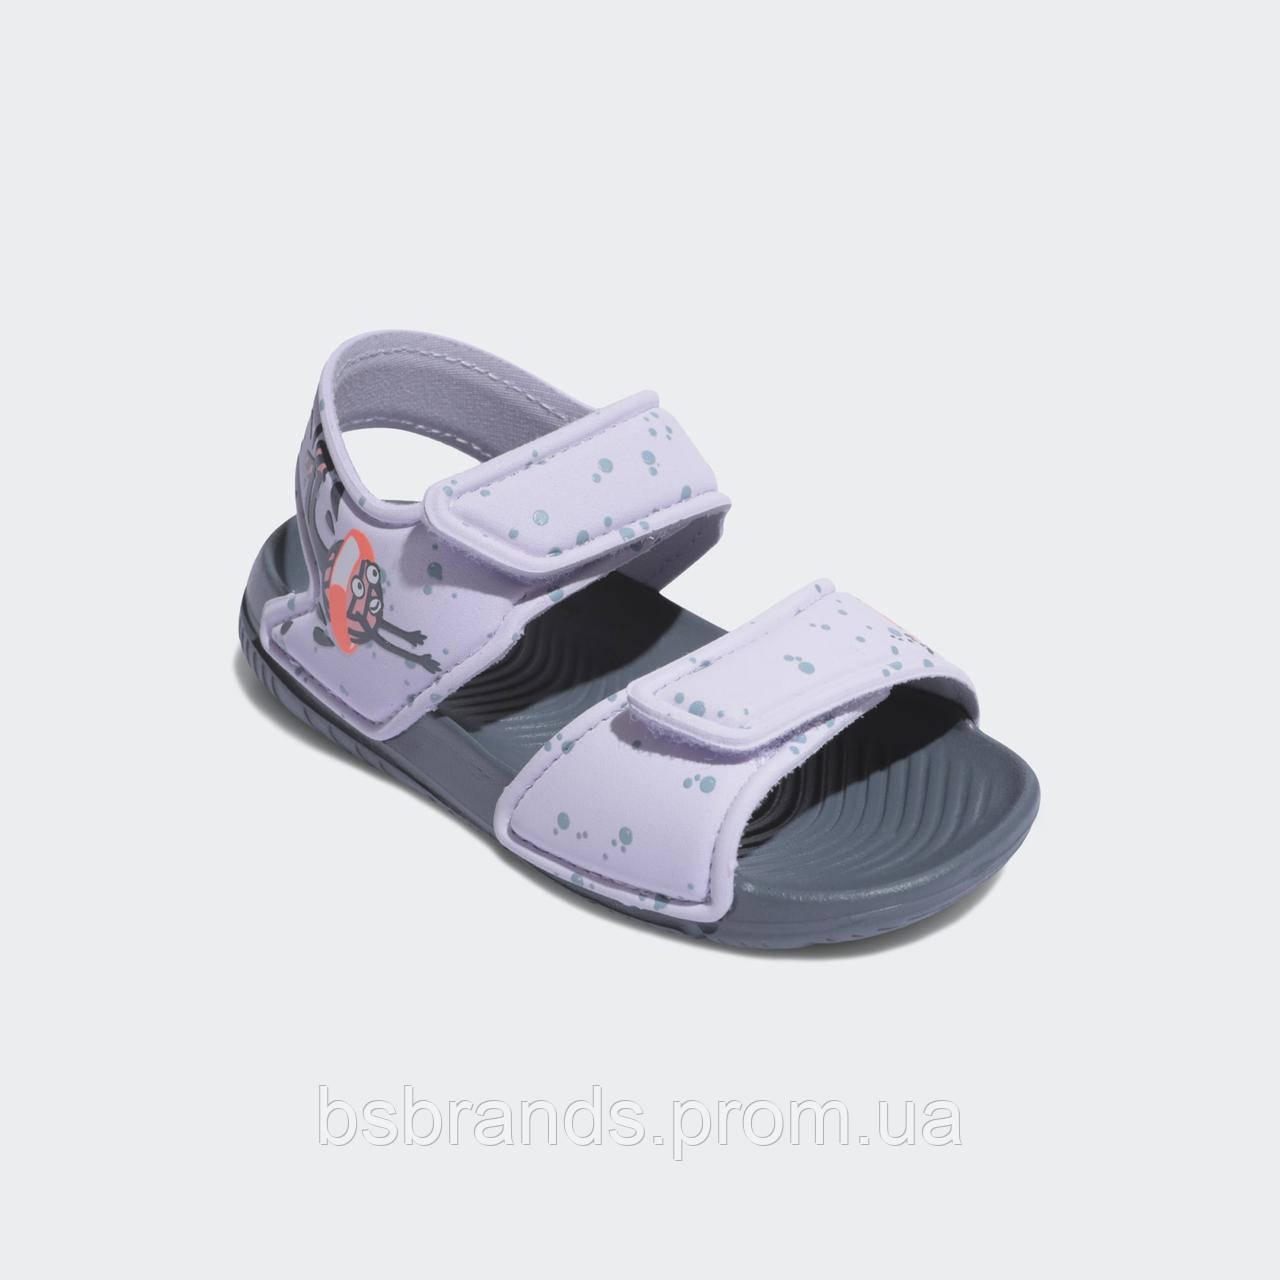 Детские сандалии adidas AltaSwim EG2181 (2020/1)